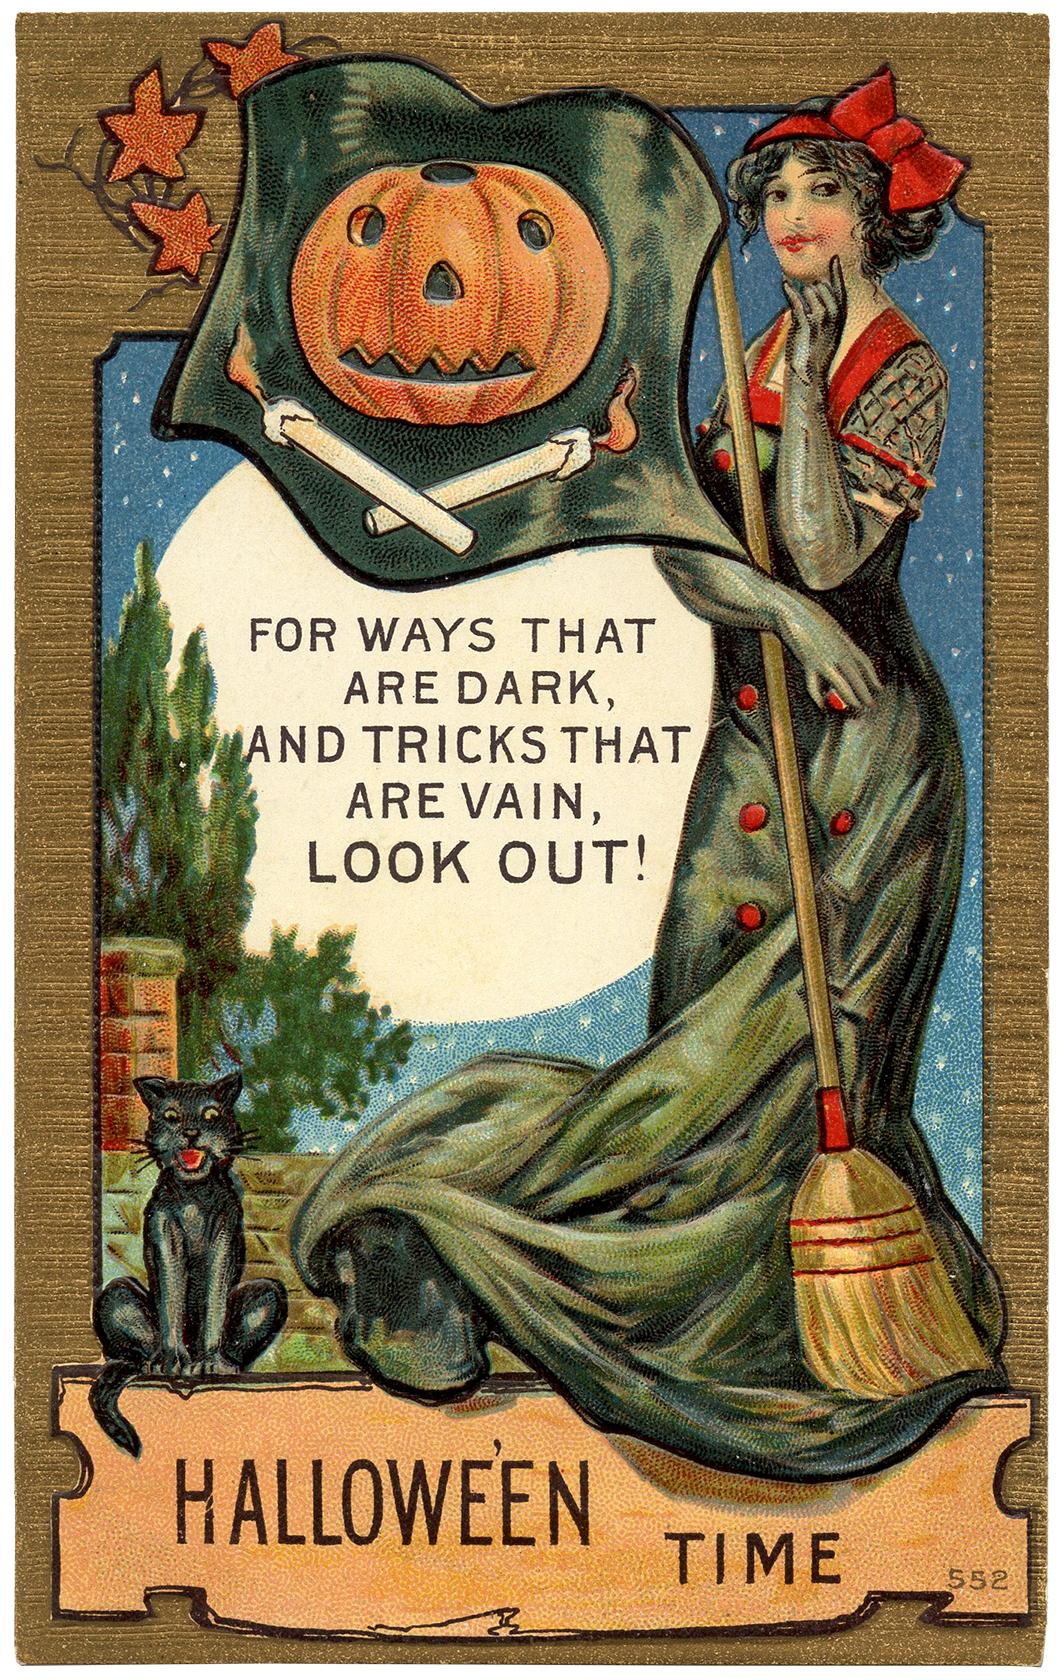 Vintage Halloween Postcard Image.